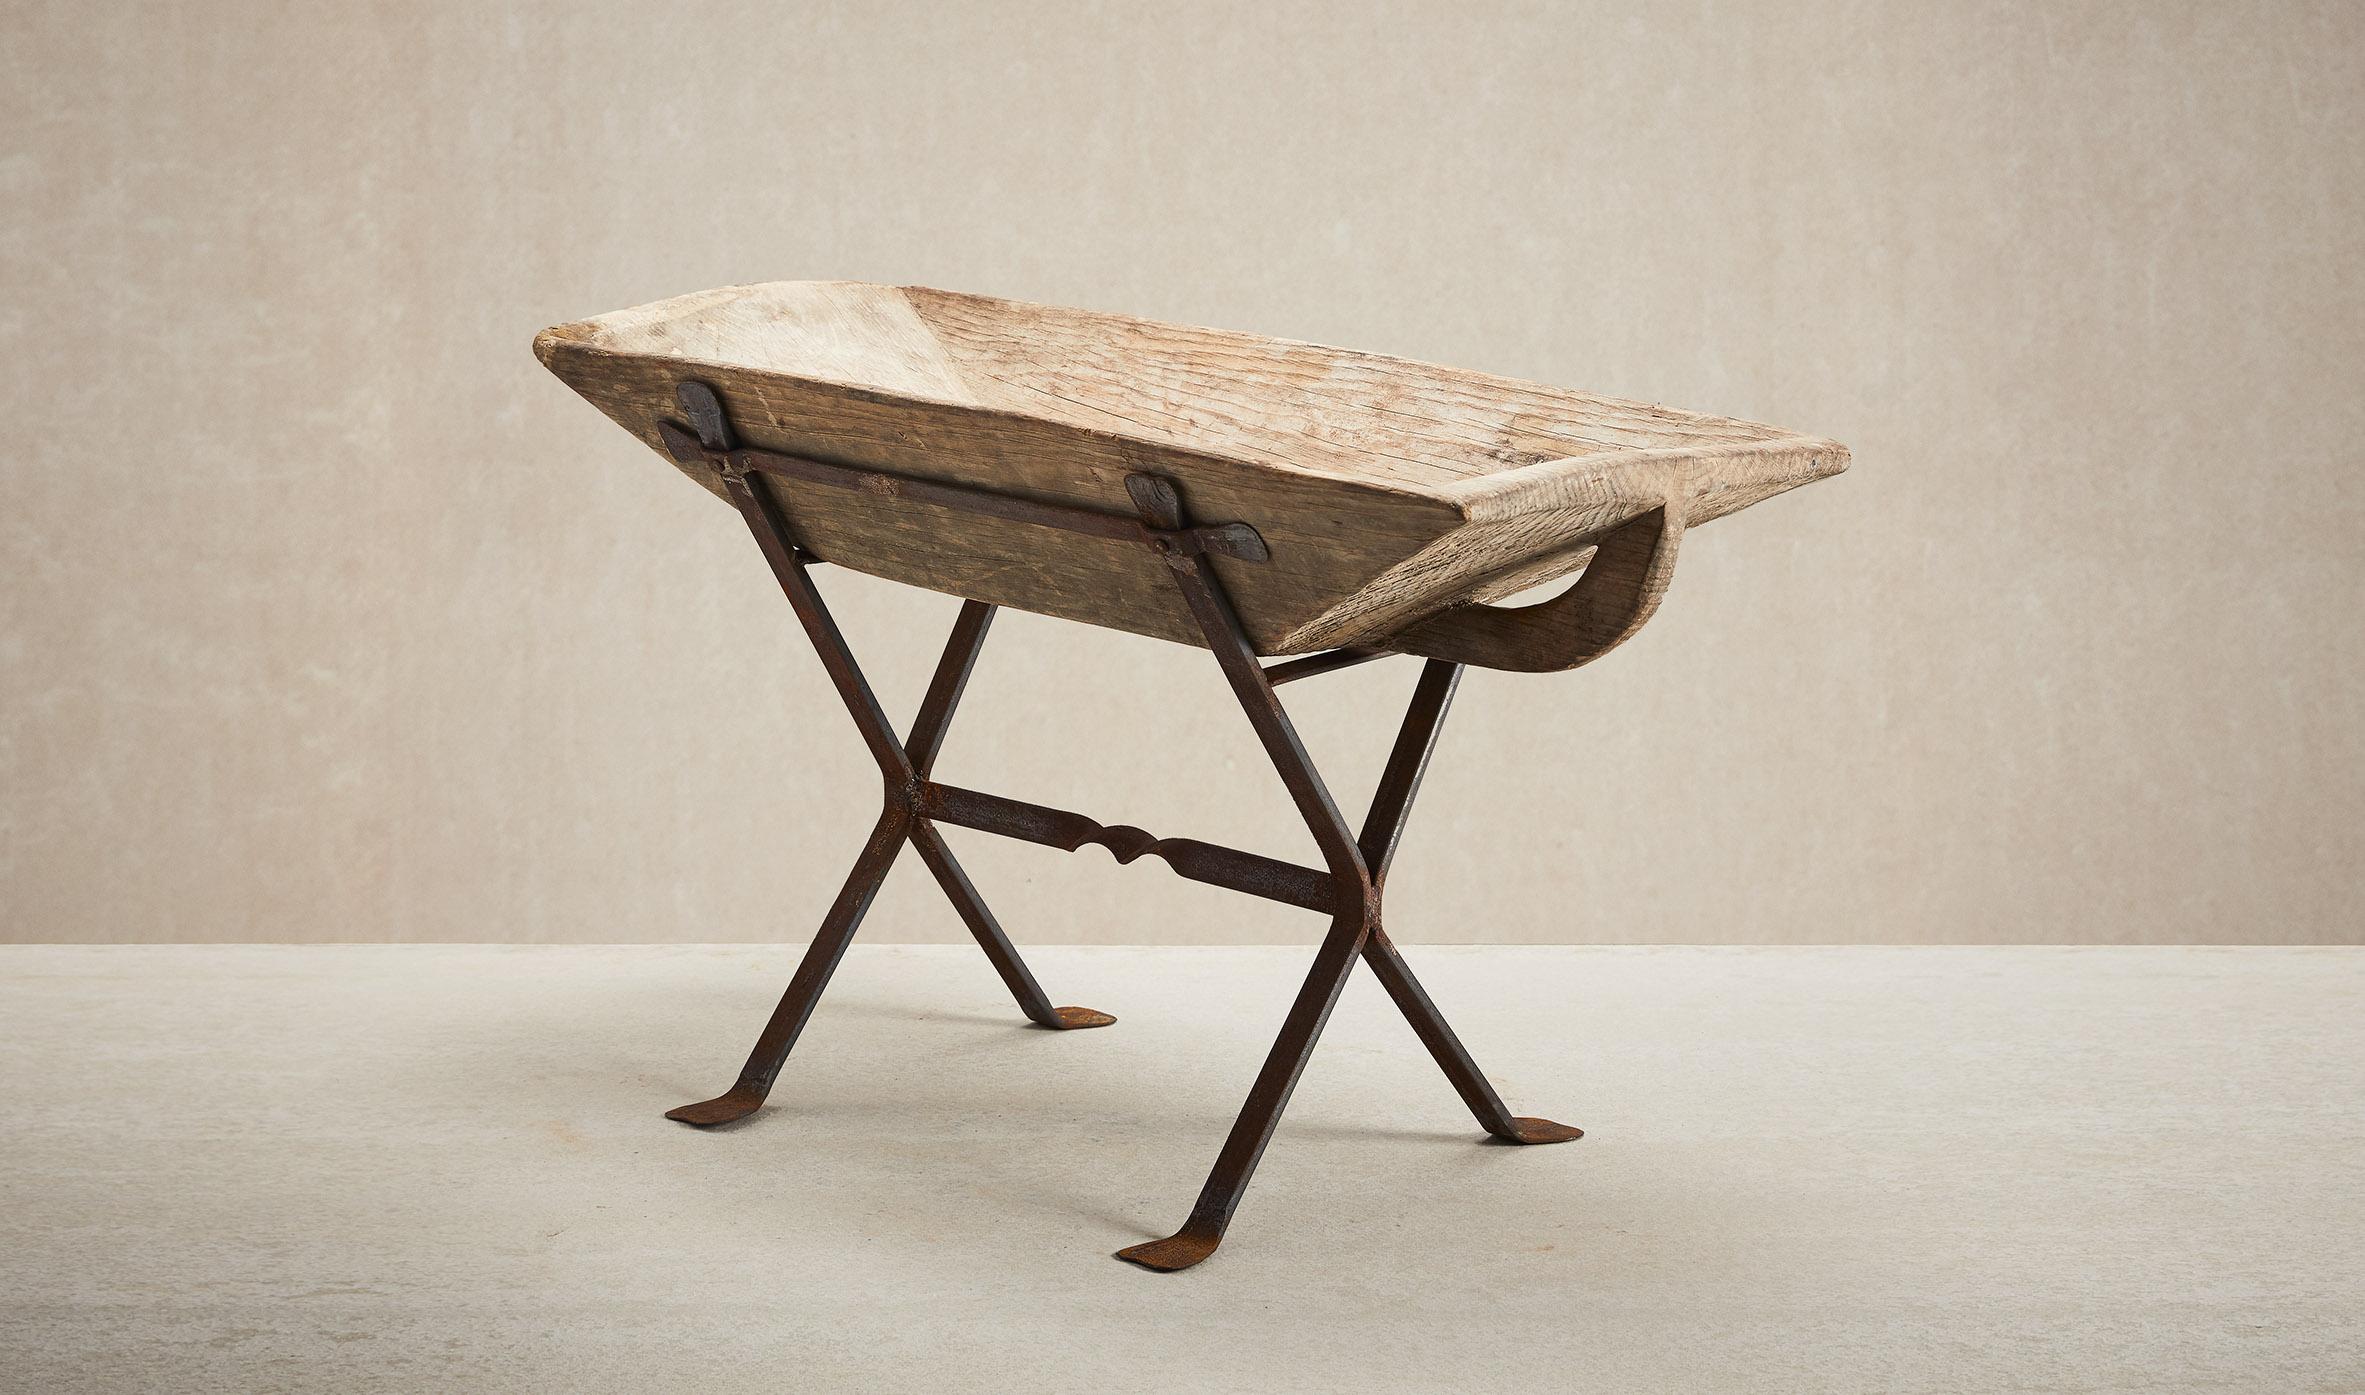 Decor Antique Thumbnails Wooden-trough-Thumbnail-600